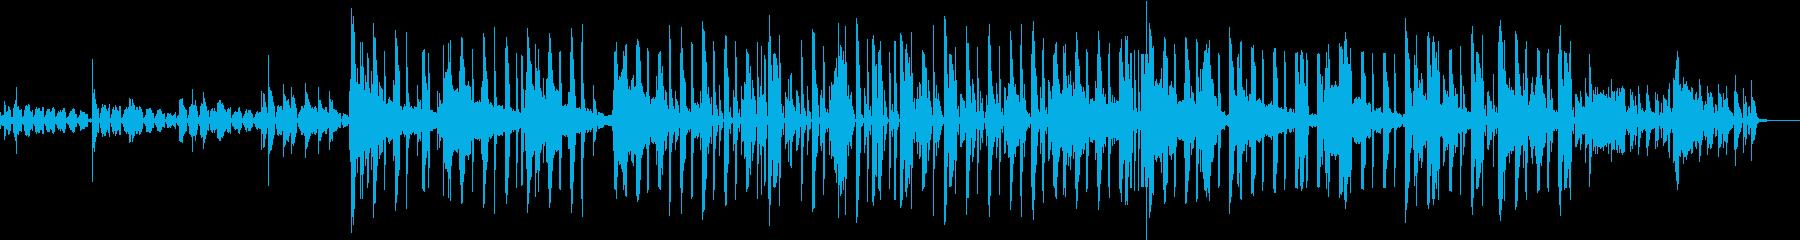 ファンク レトロ ゆっくり 魅惑 ...の再生済みの波形